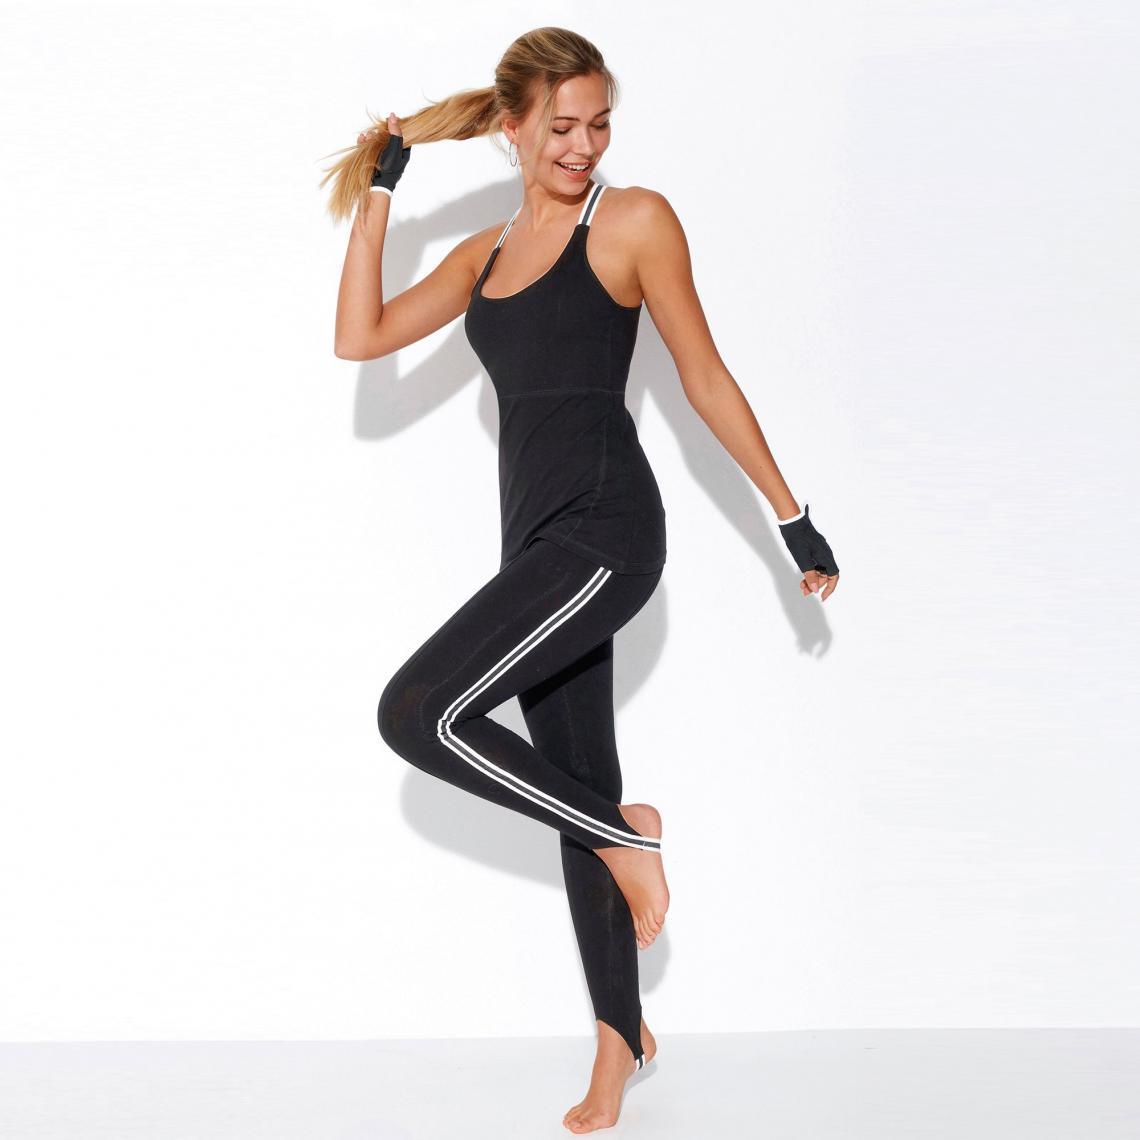 d6086486f4f73 Tee-shirt fitness dos nageur bretelles élastiques femme - Noir | 3 ...